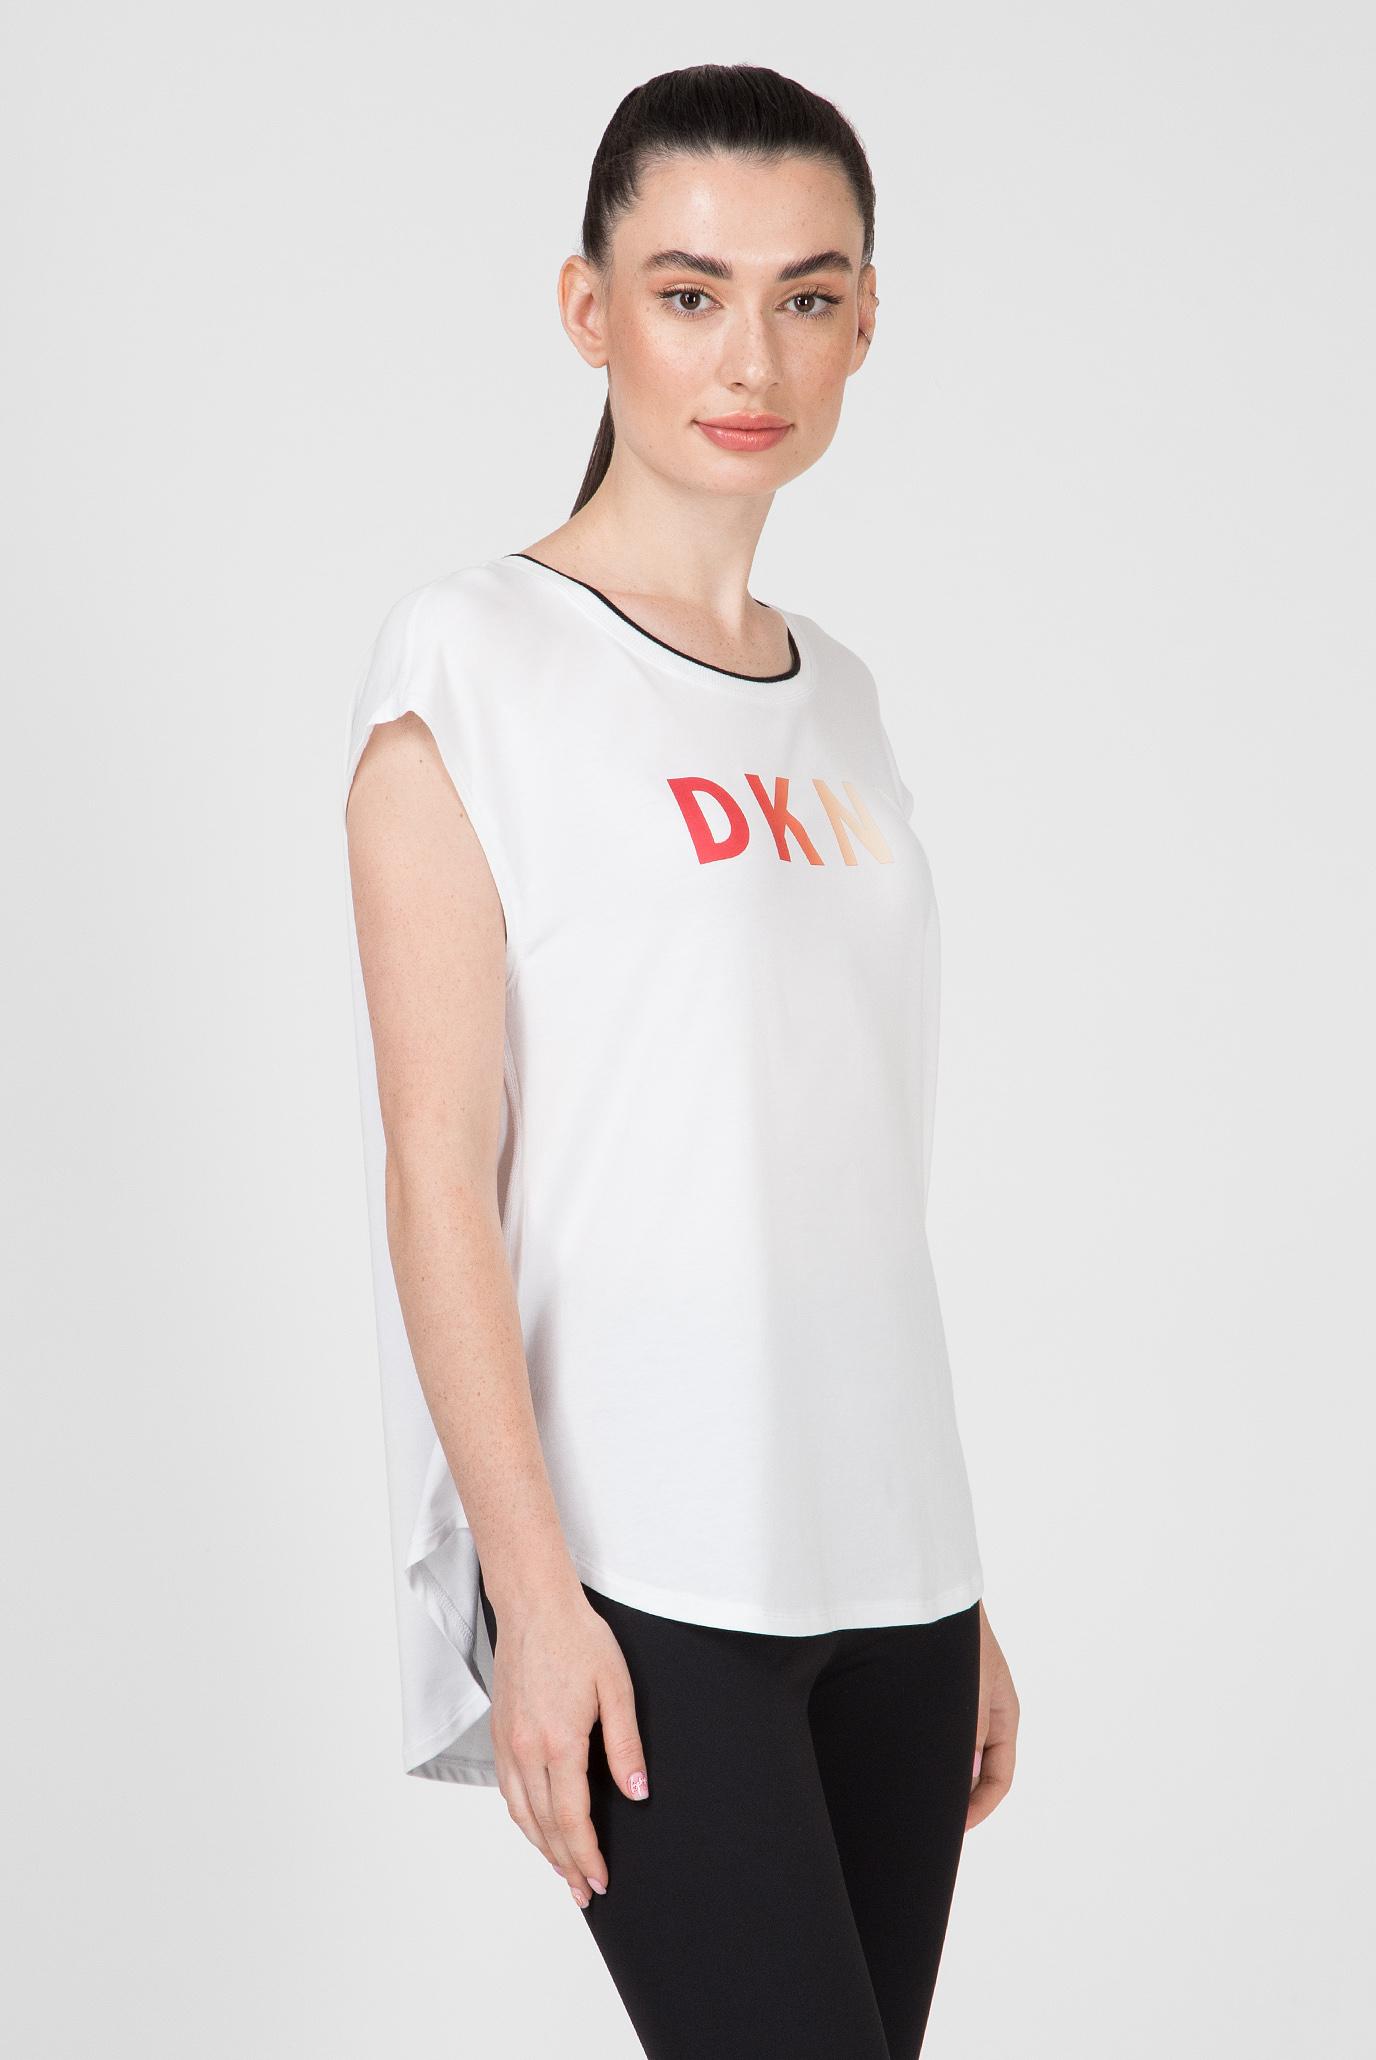 Купить Женский белый топ SLVLS TEE-RNBOW LOGO DKNY DKNY DP9T6531 – Киев, Украина. Цены в интернет магазине MD Fashion